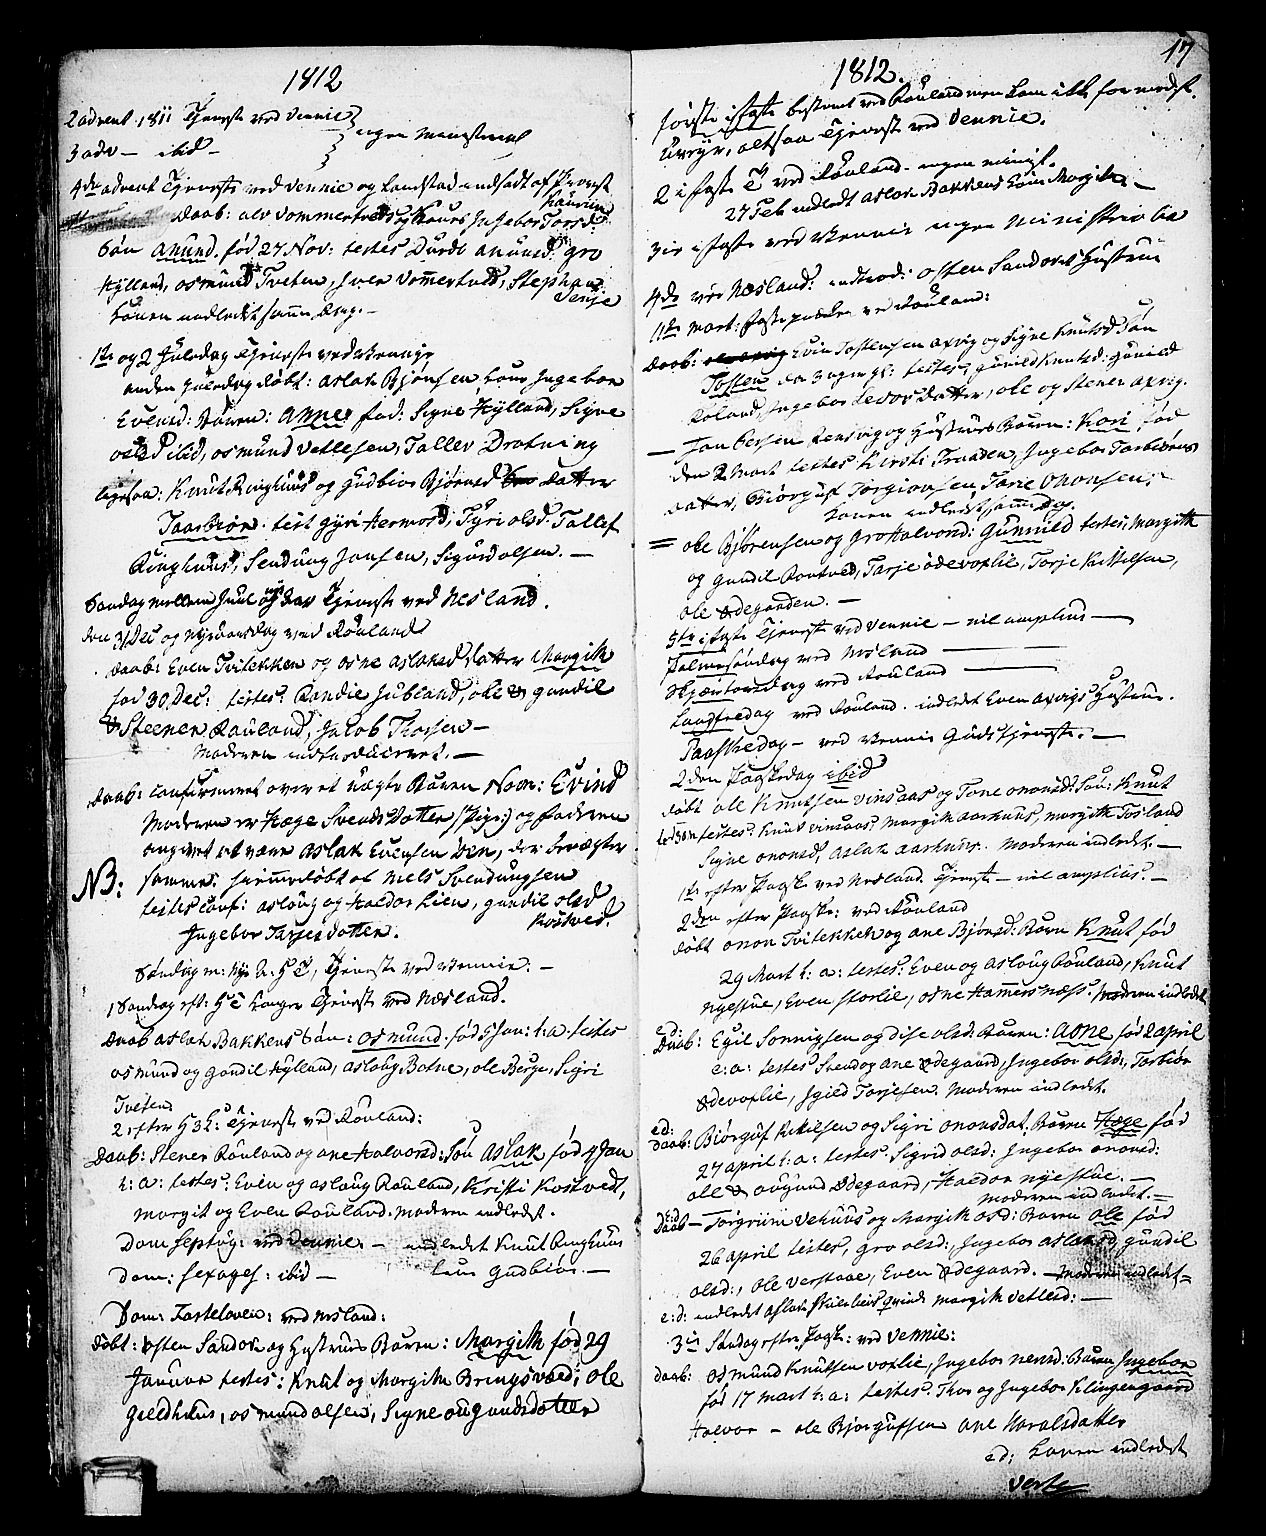 SAKO, Vinje kirkebøker, F/Fa/L0002: Ministerialbok nr. I 2, 1767-1814, s. 17